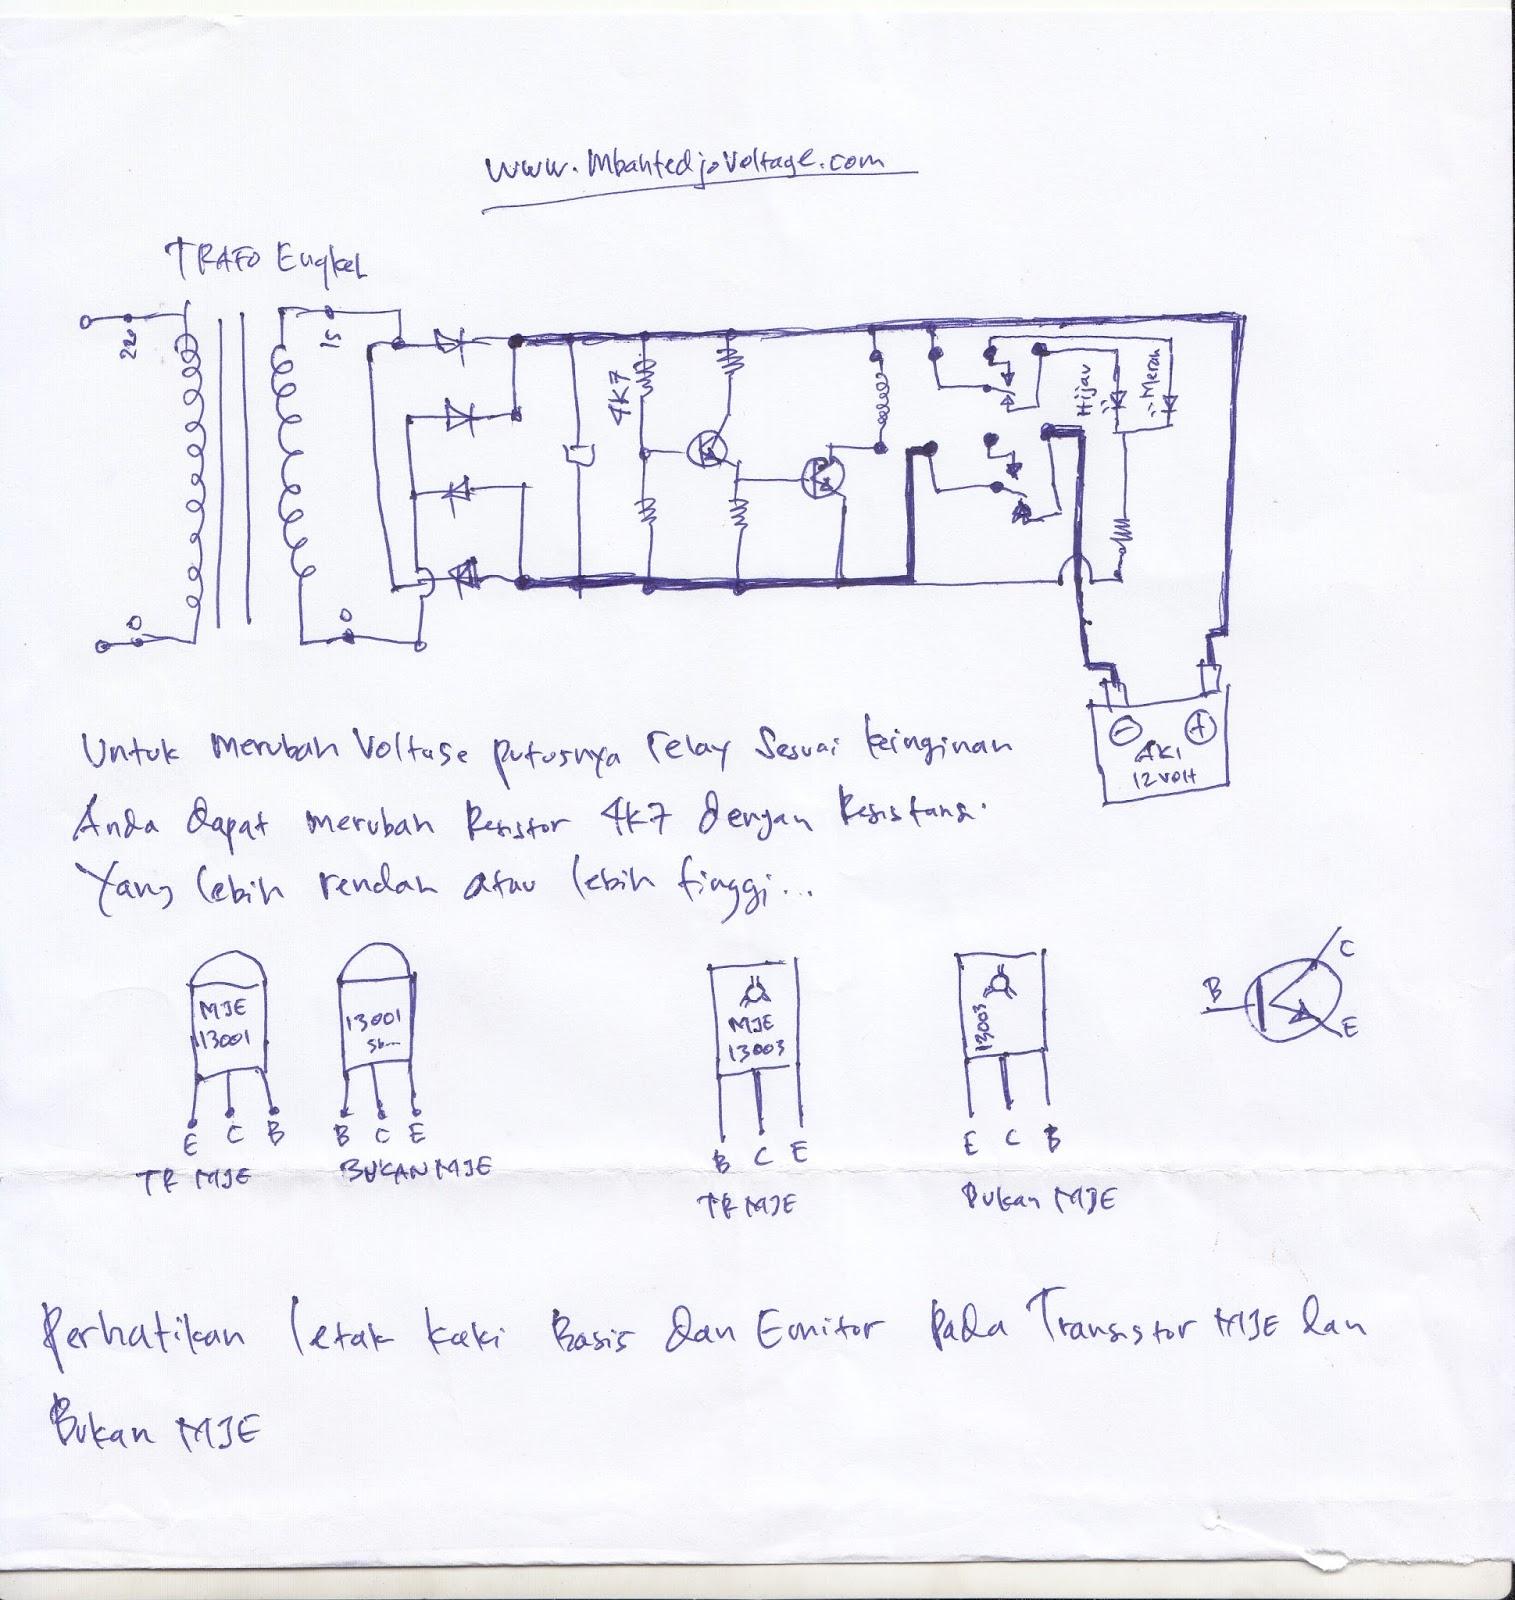 Mbahtedjo Voltage Skema Cas Aki Otomatis Cara1 Relay 12 Volt 5 Kaki Dua Hal Diatas Bisa Diatasi Dengan Jika Dibawah 40 Ampere Anda Mencoba Membuat Pemutusan Arus Dari Langsung Ke Agar Tidak